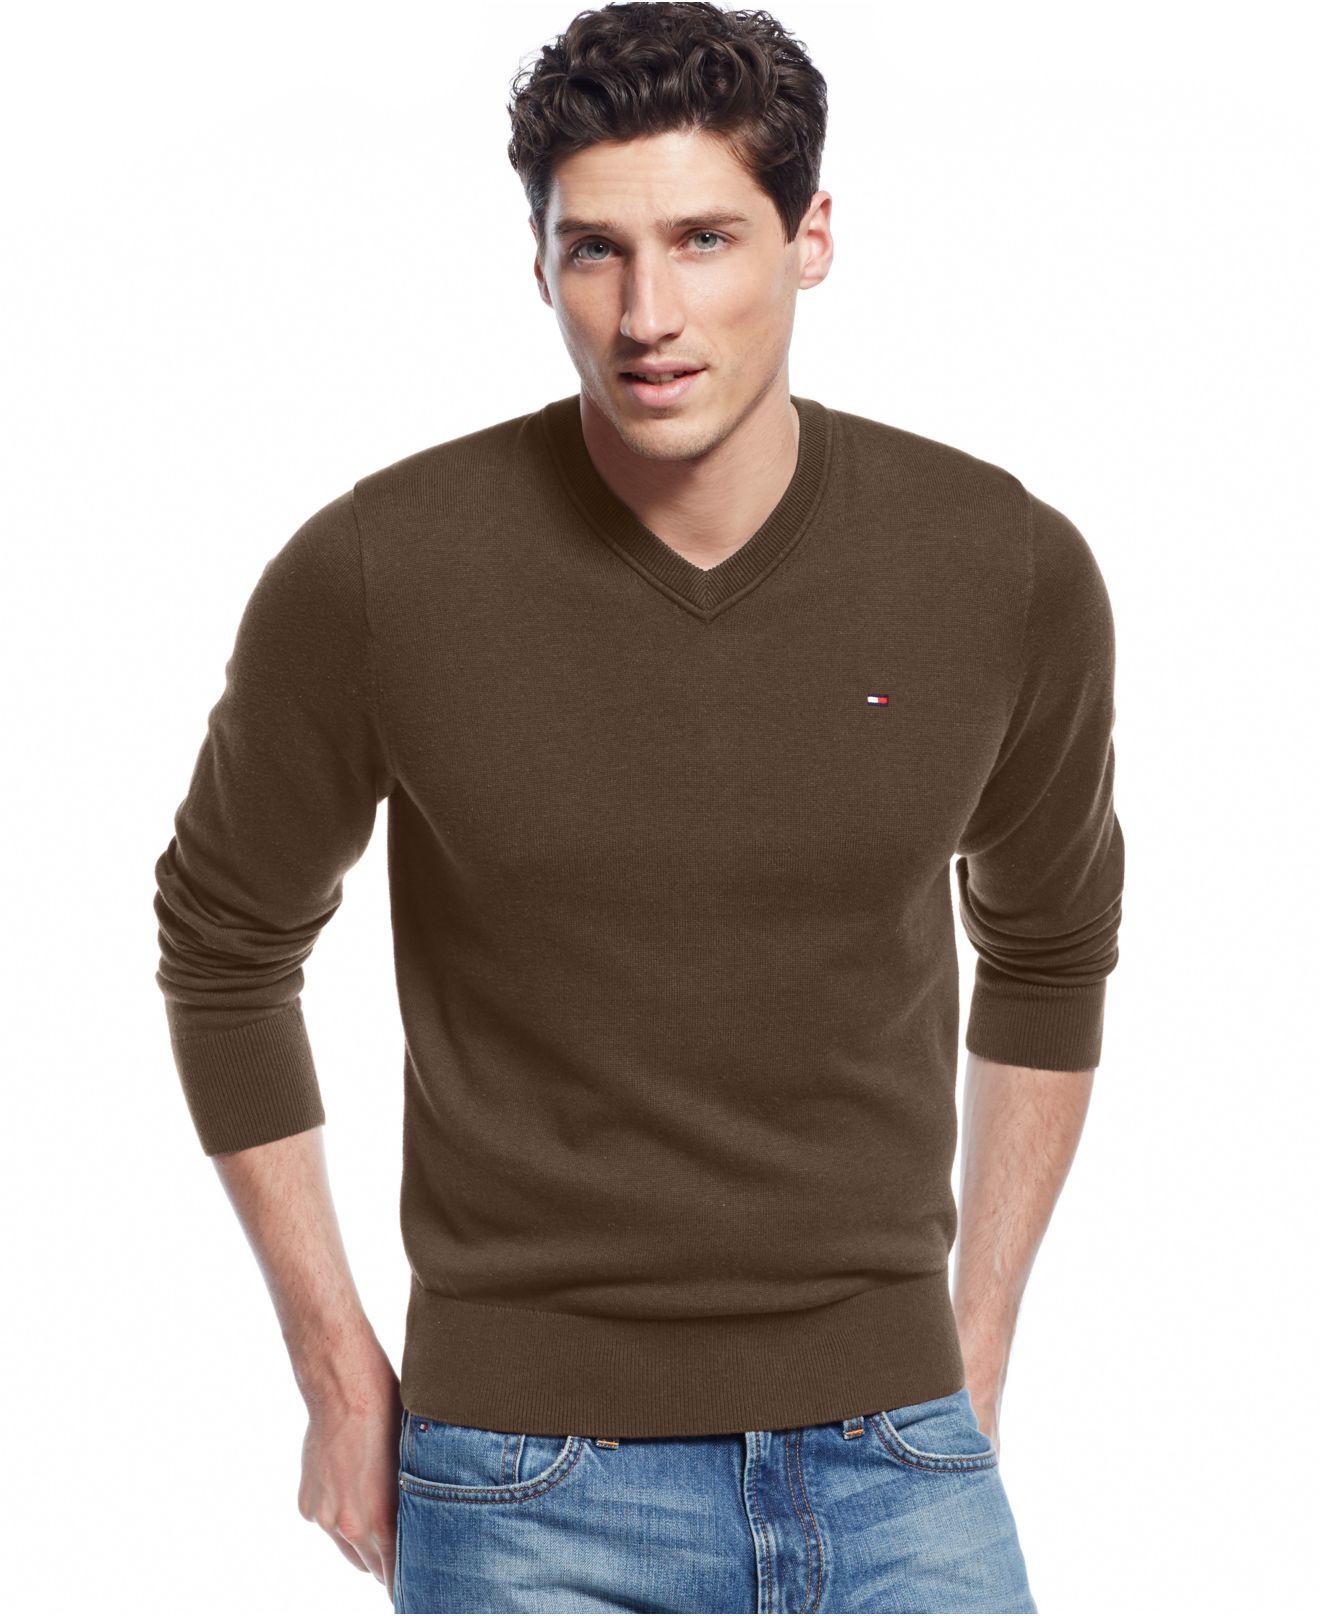 tommy hilfiger big tall signature solid v neck sweater. Black Bedroom Furniture Sets. Home Design Ideas